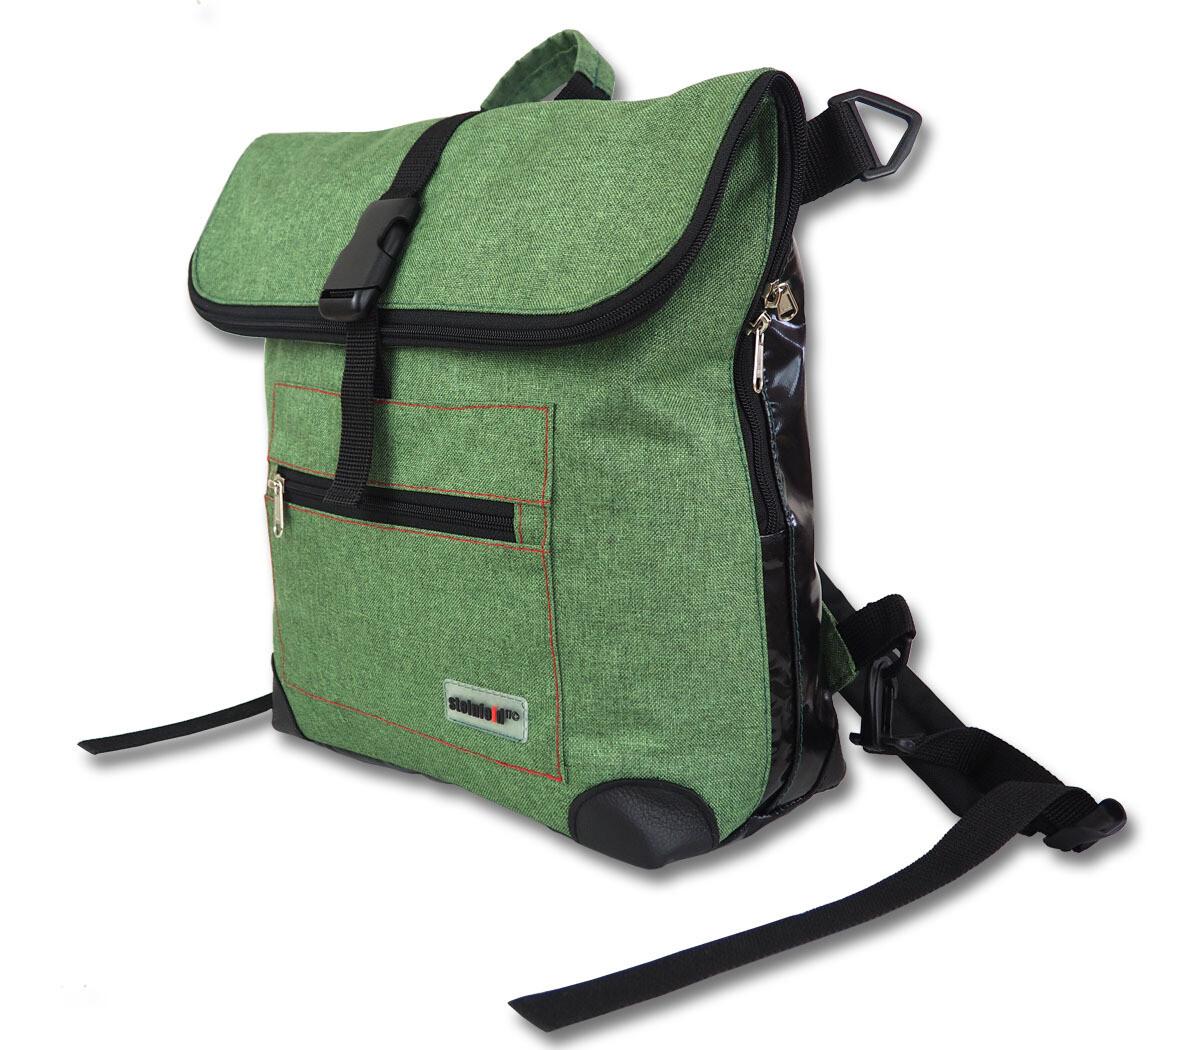 Gepäckträgertasche Radl-Ivy, die Große, PES/PVC-Plane-grün-schwarz